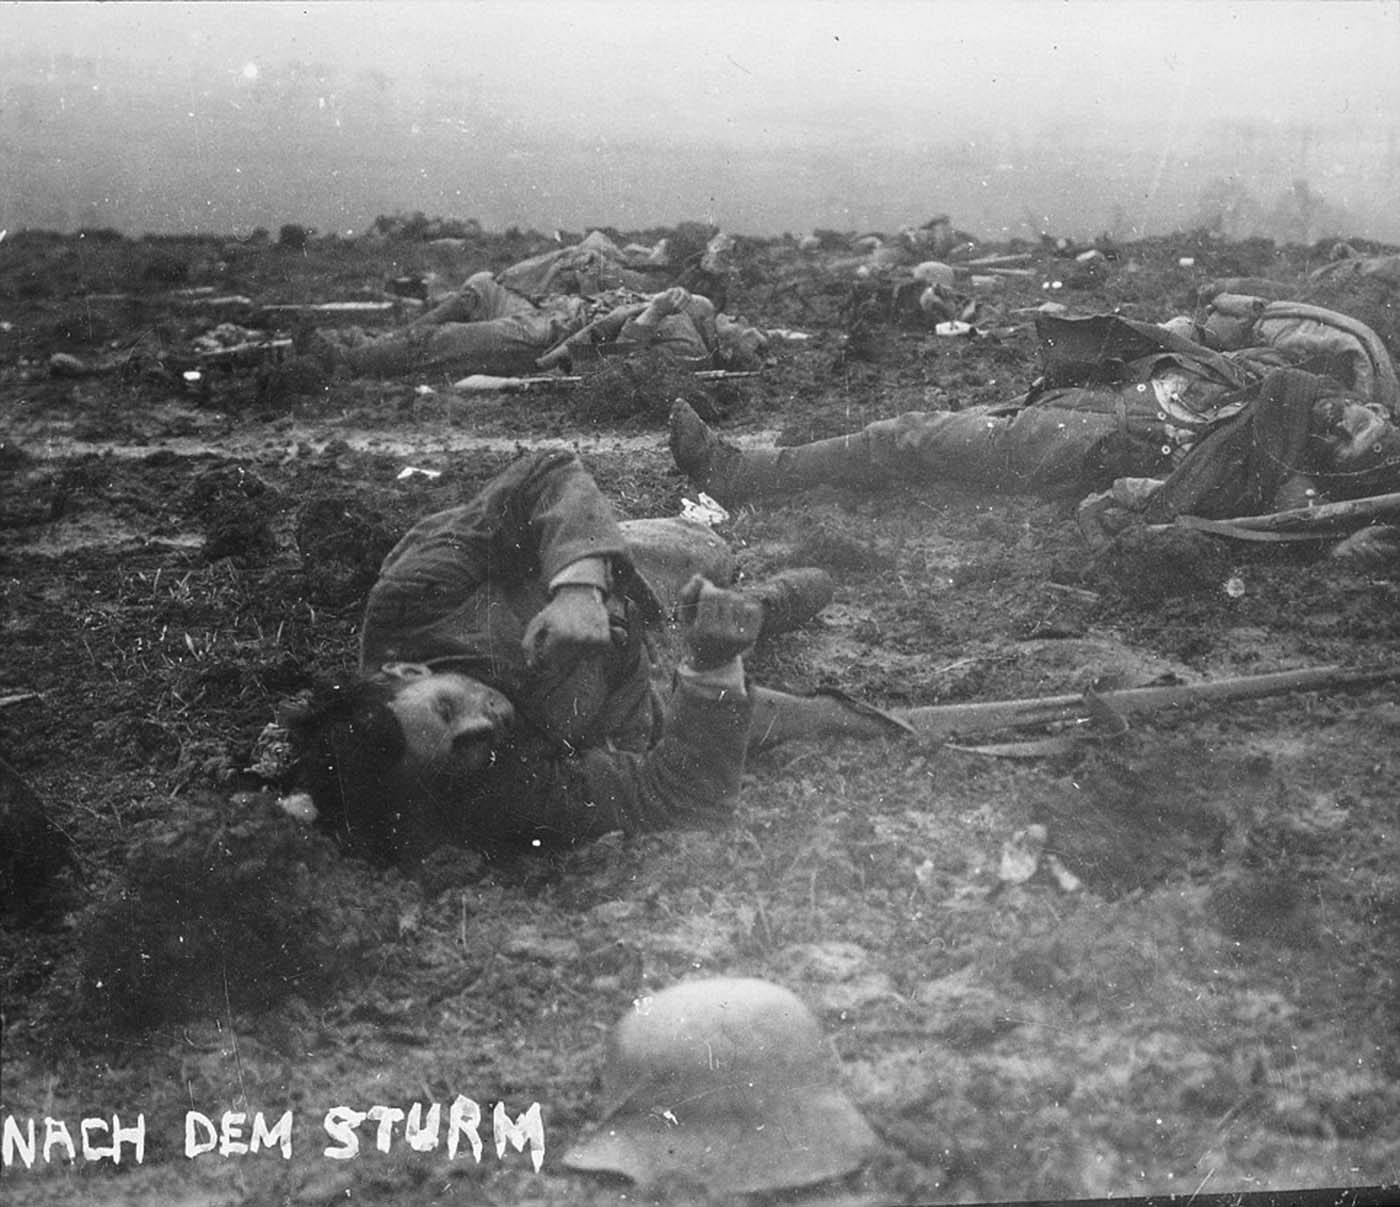 El álbum de Walter Kleinfeldt muestra las consecuencias de una escaramuza durante la Batalla de Somme, 1916.